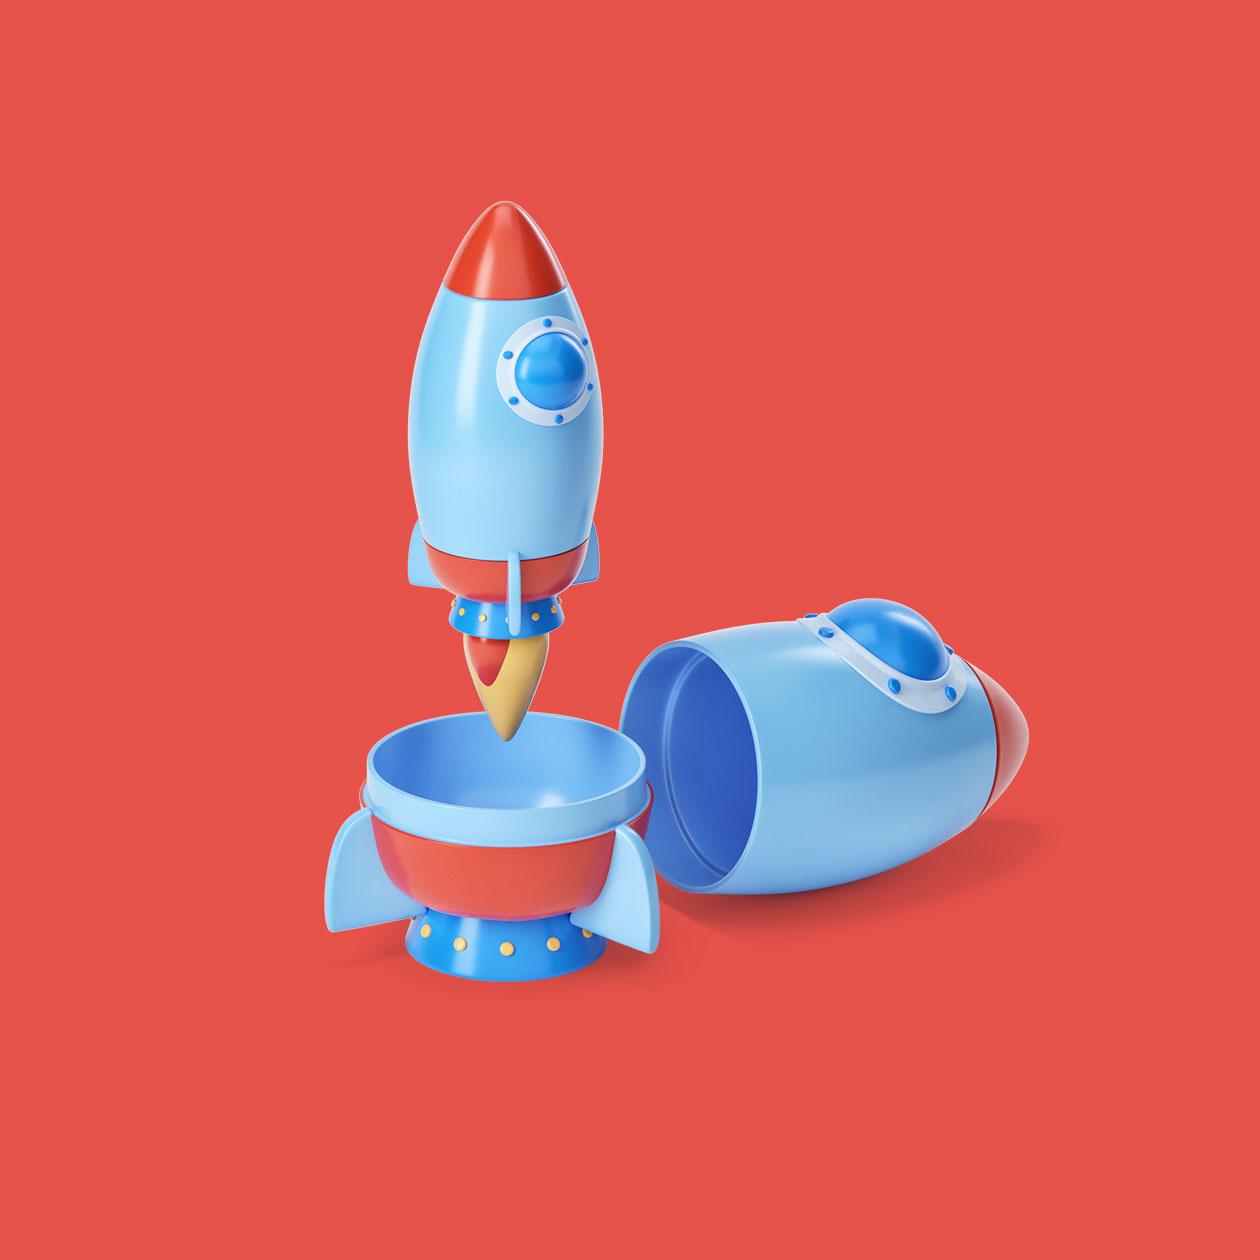 foreal_wakam_rocket